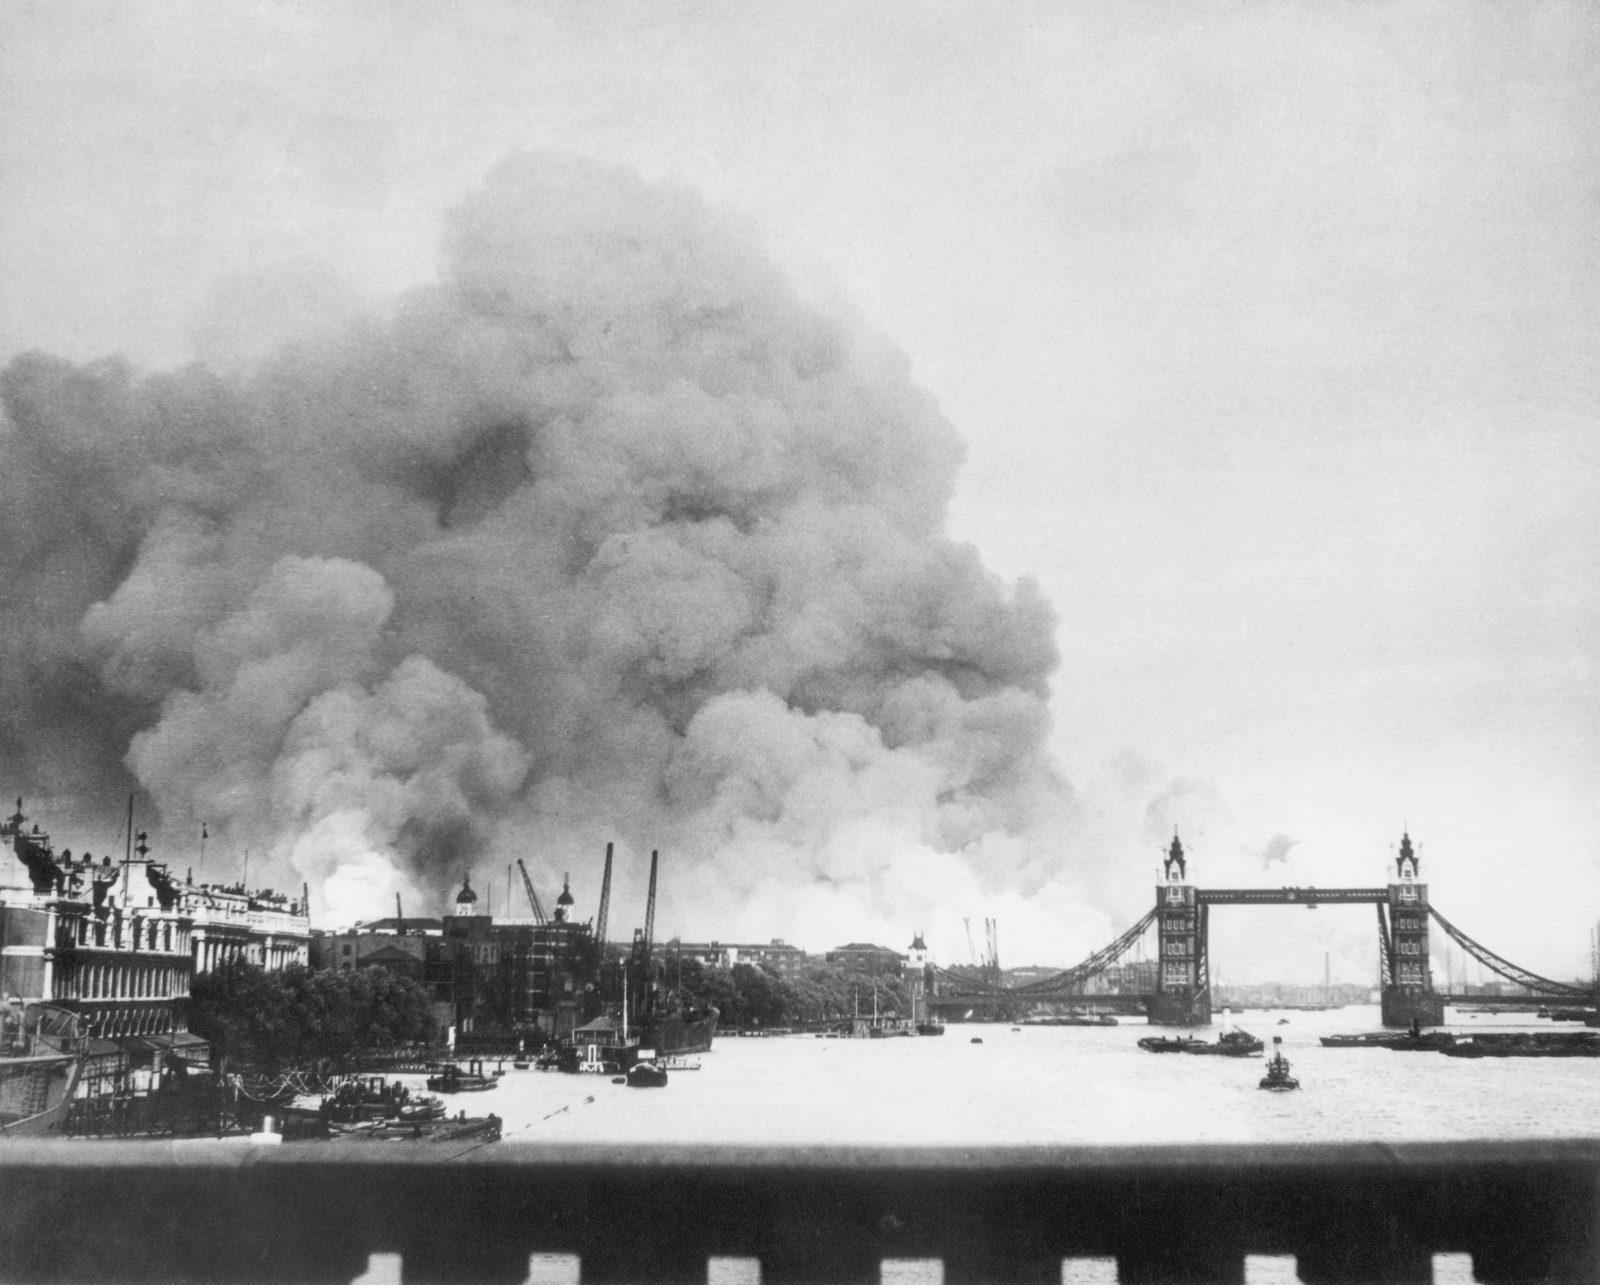 London brennt nach einem deutschen Luftangriff im September 1940 Foto: picture-alliance / akg-images